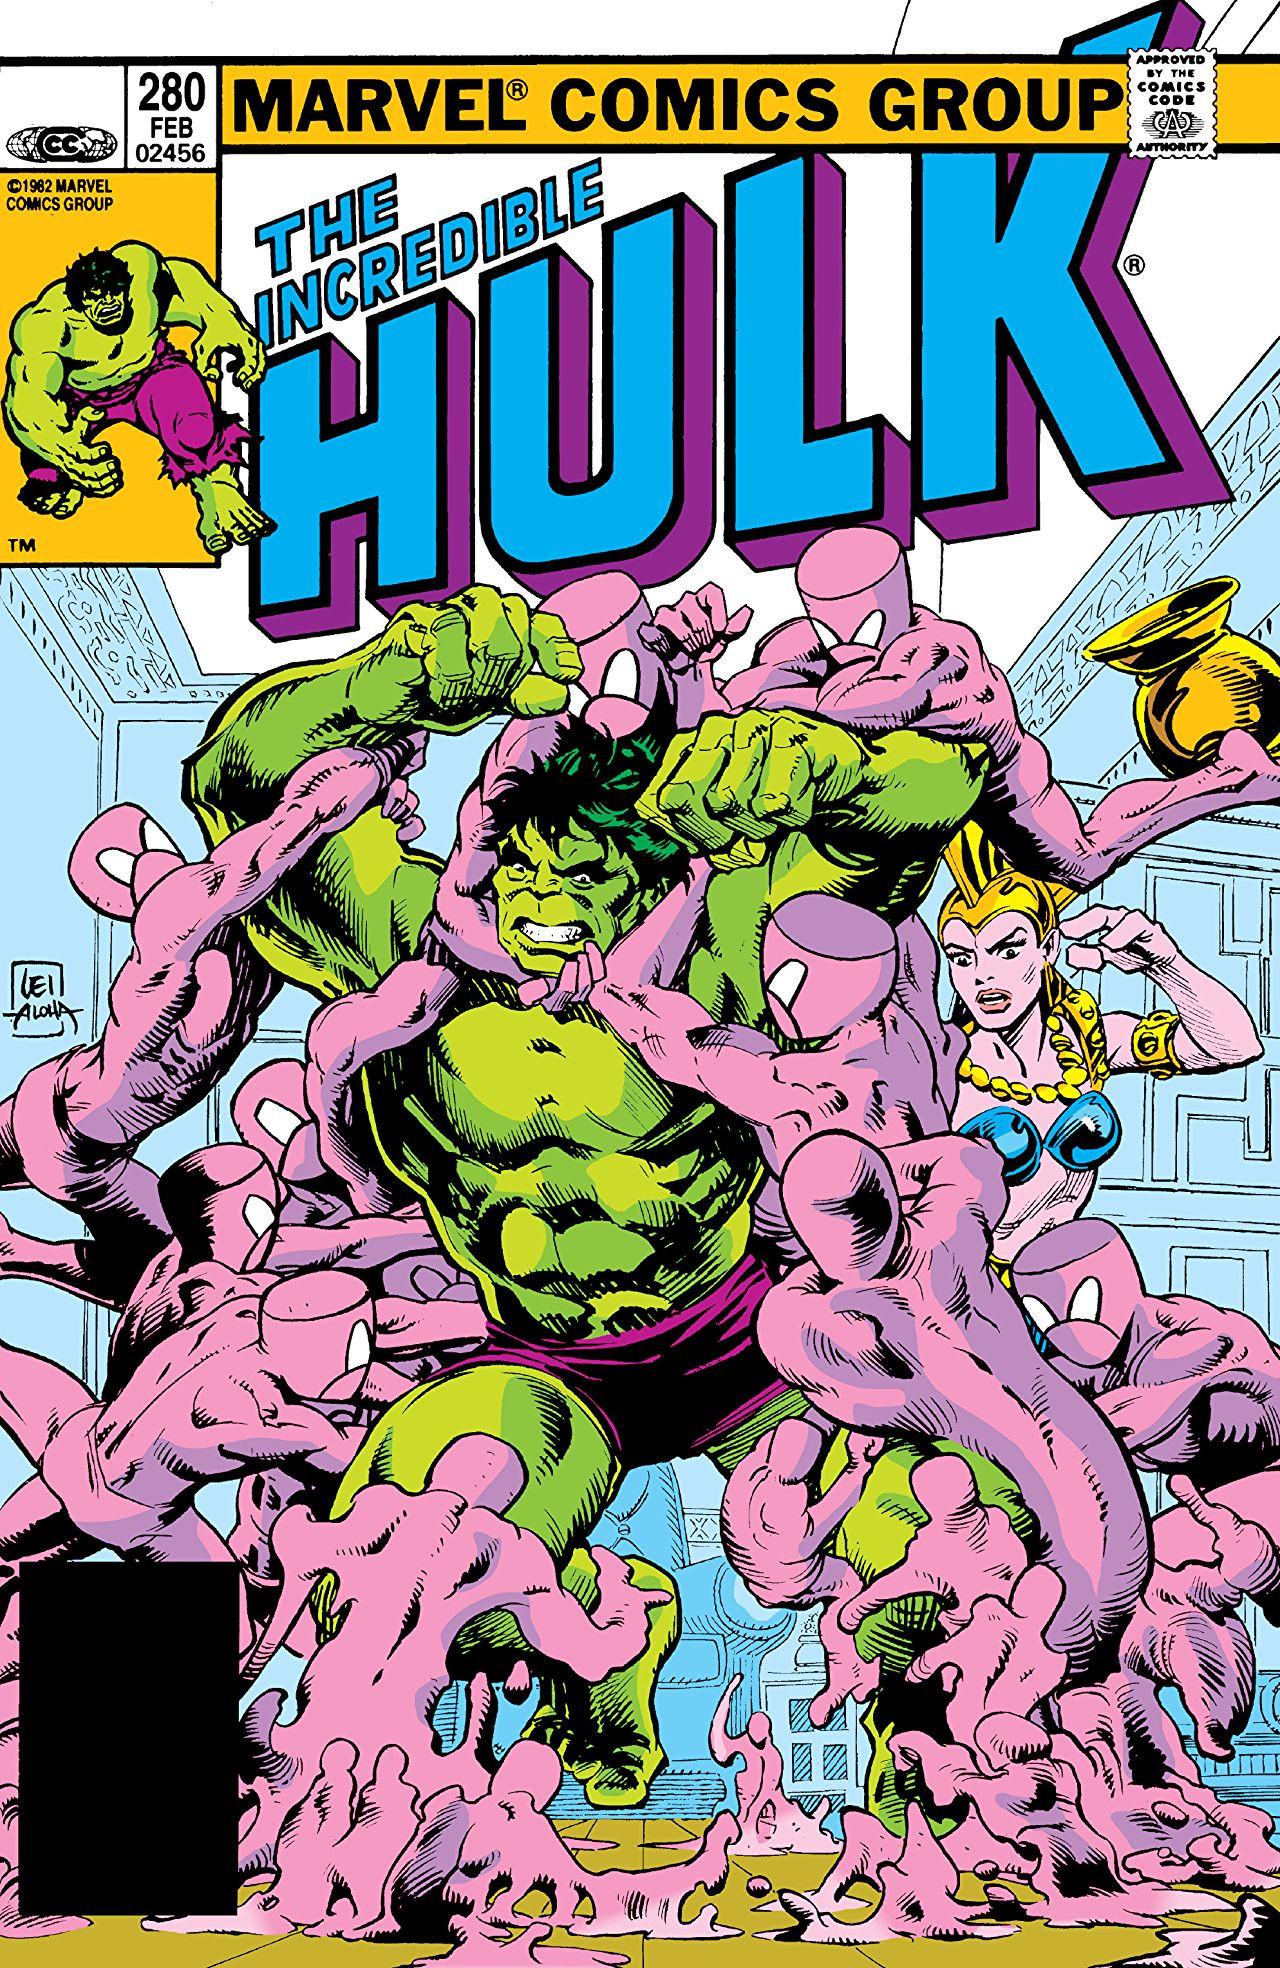 Incredible Hulk Vol 1 280